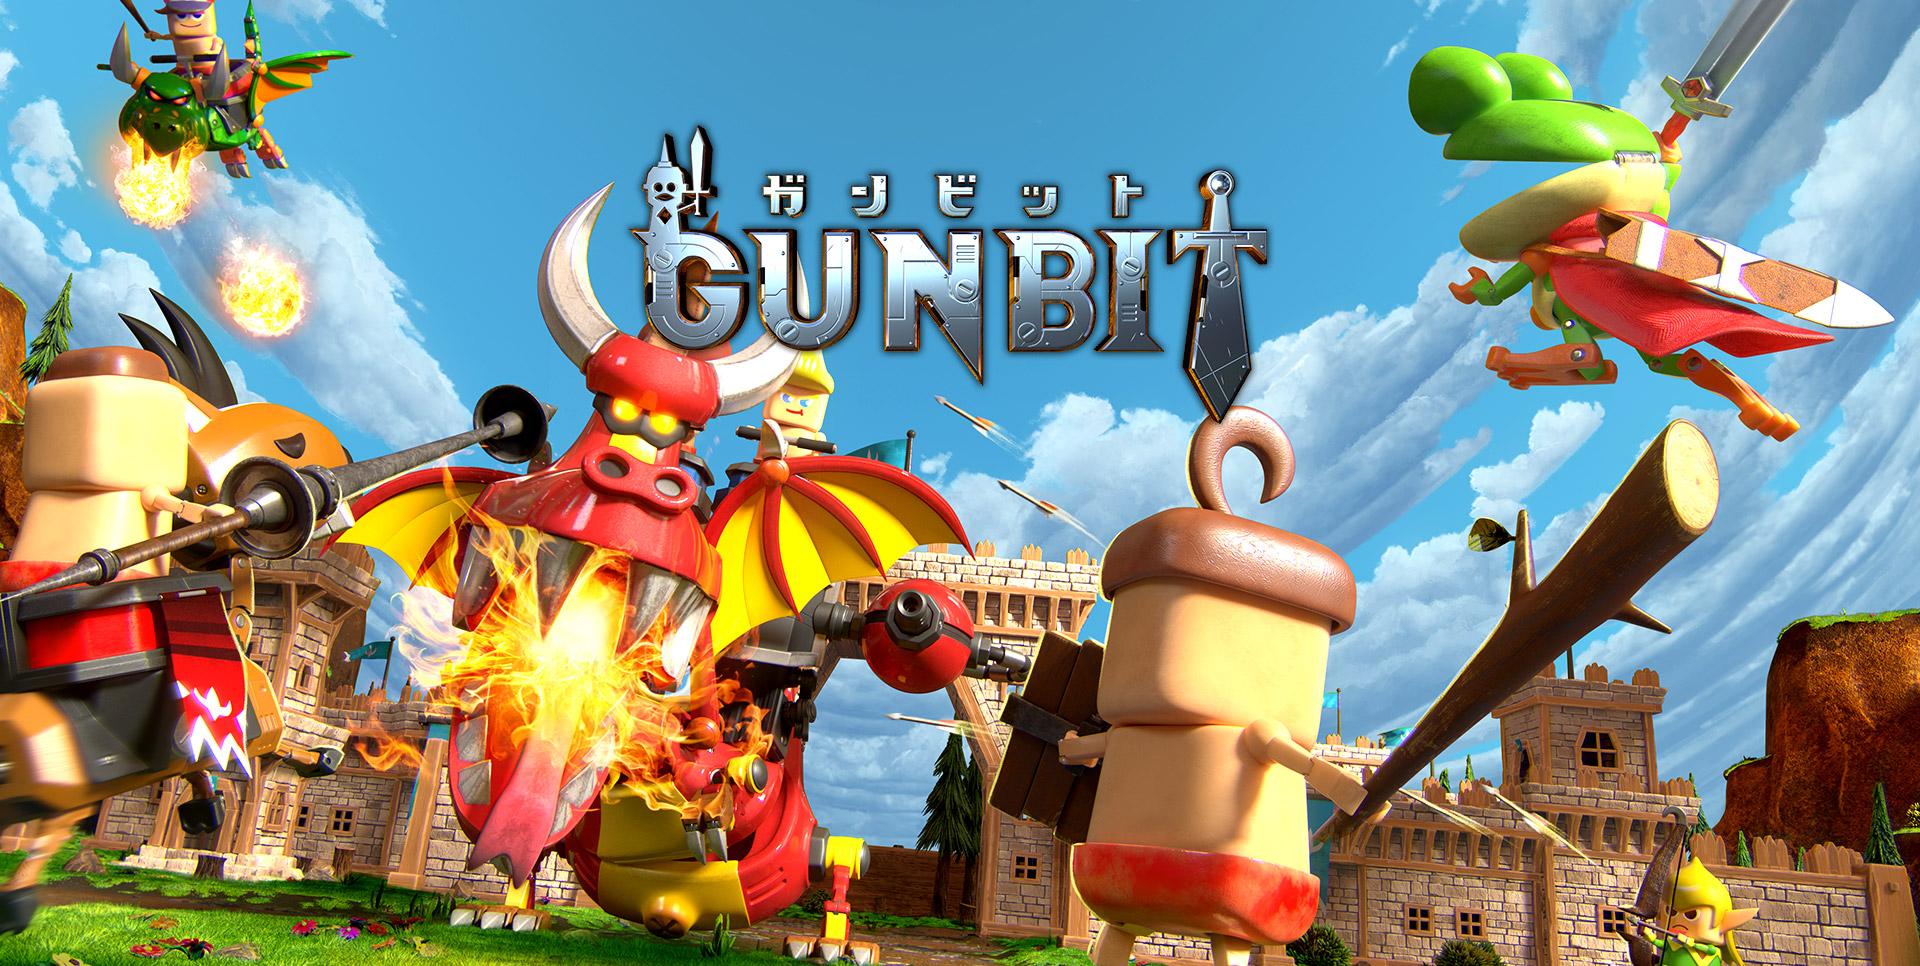 Gunbit 2542019 1